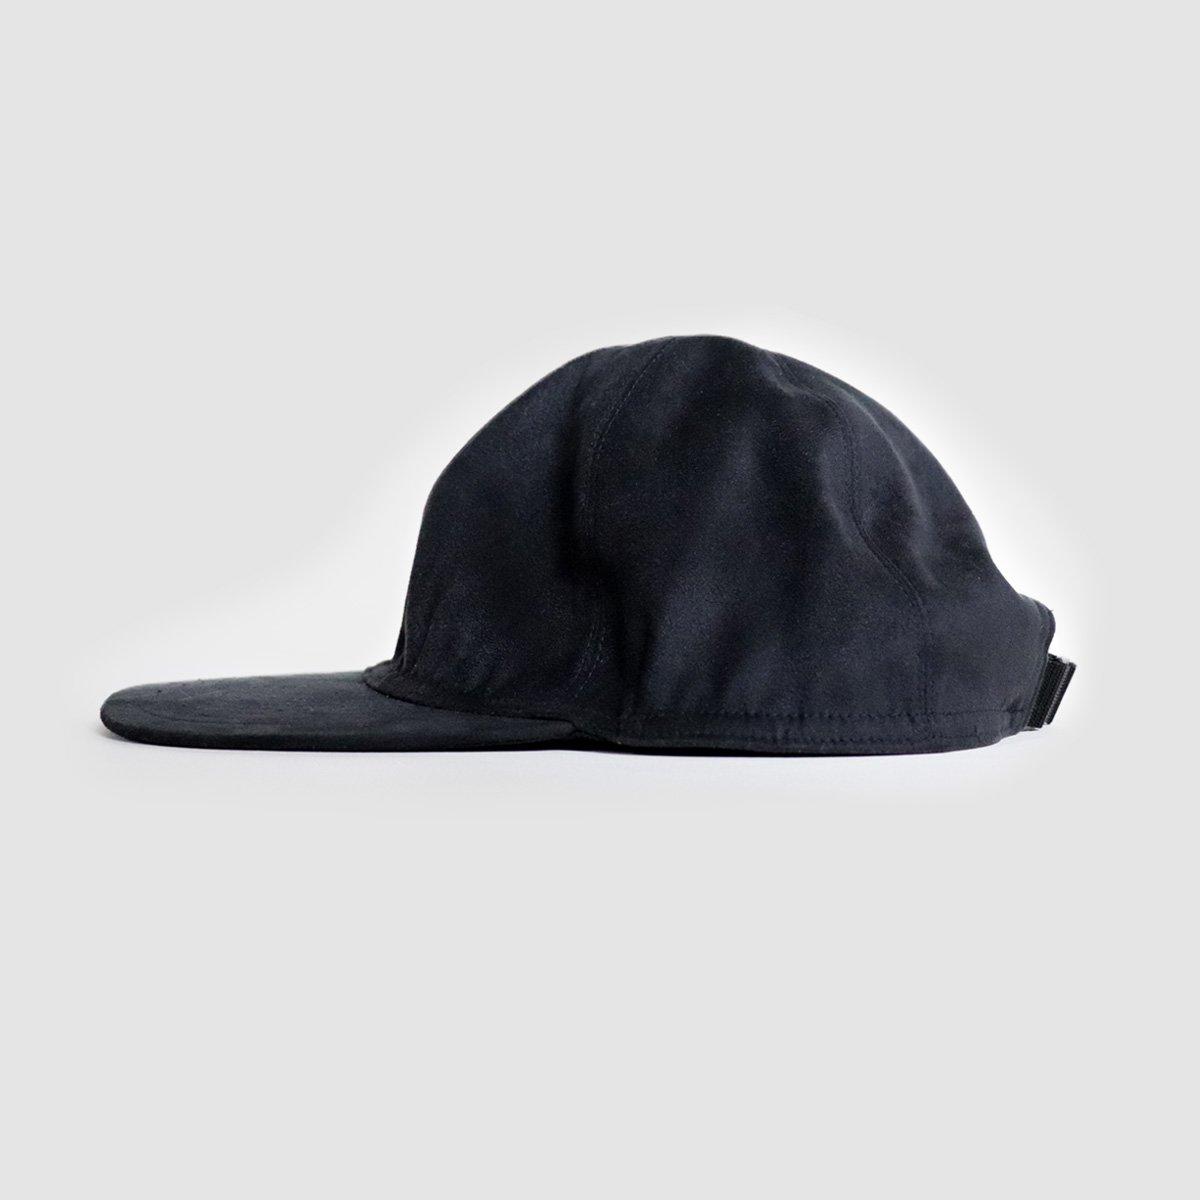 JOBA CAP 刺繍入り 詳細画像1